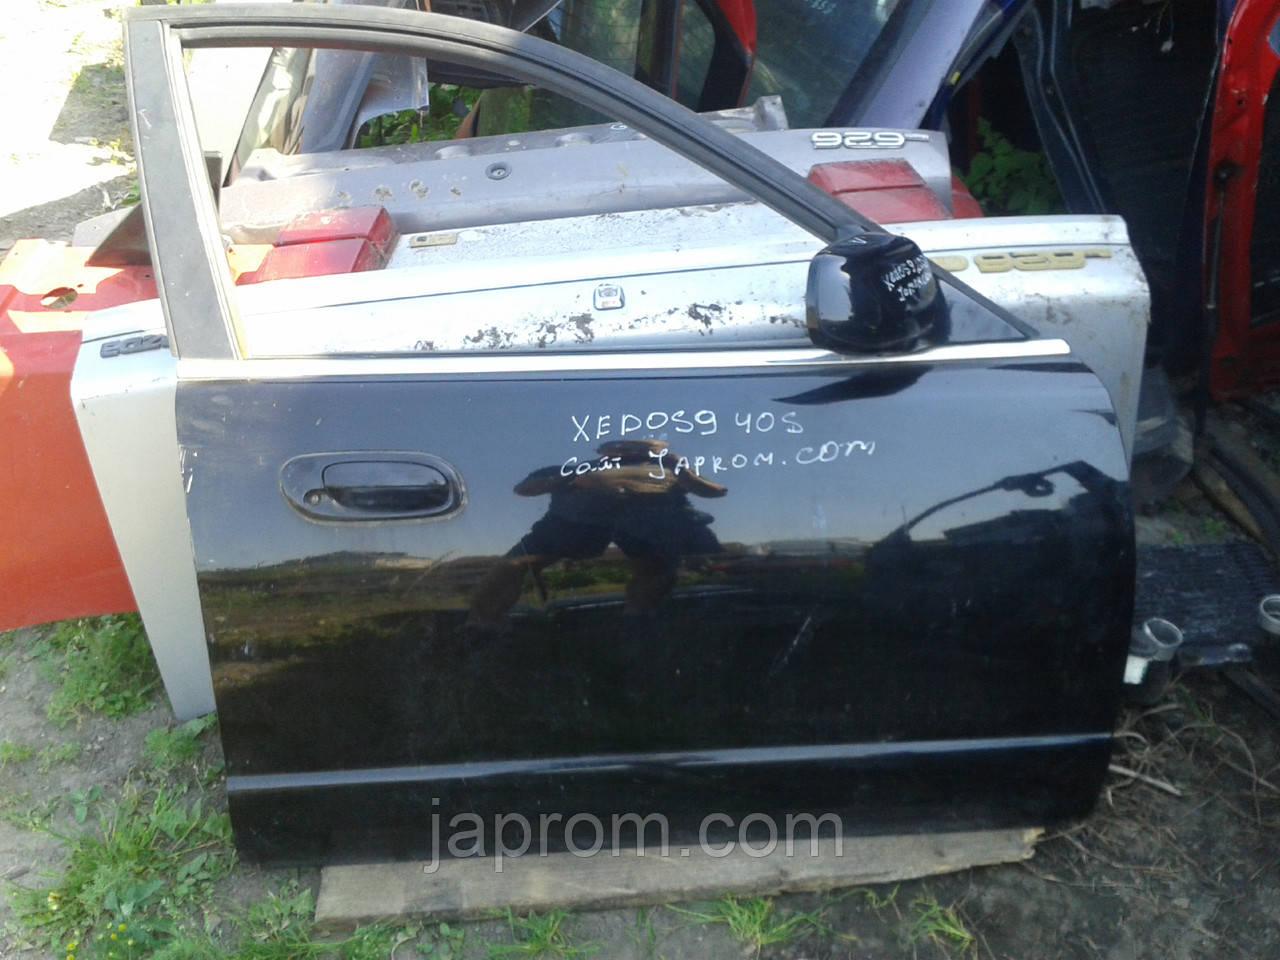 Дверь передняя правая Mazda Xedos 9 2000-2002г.в. рестайл черная